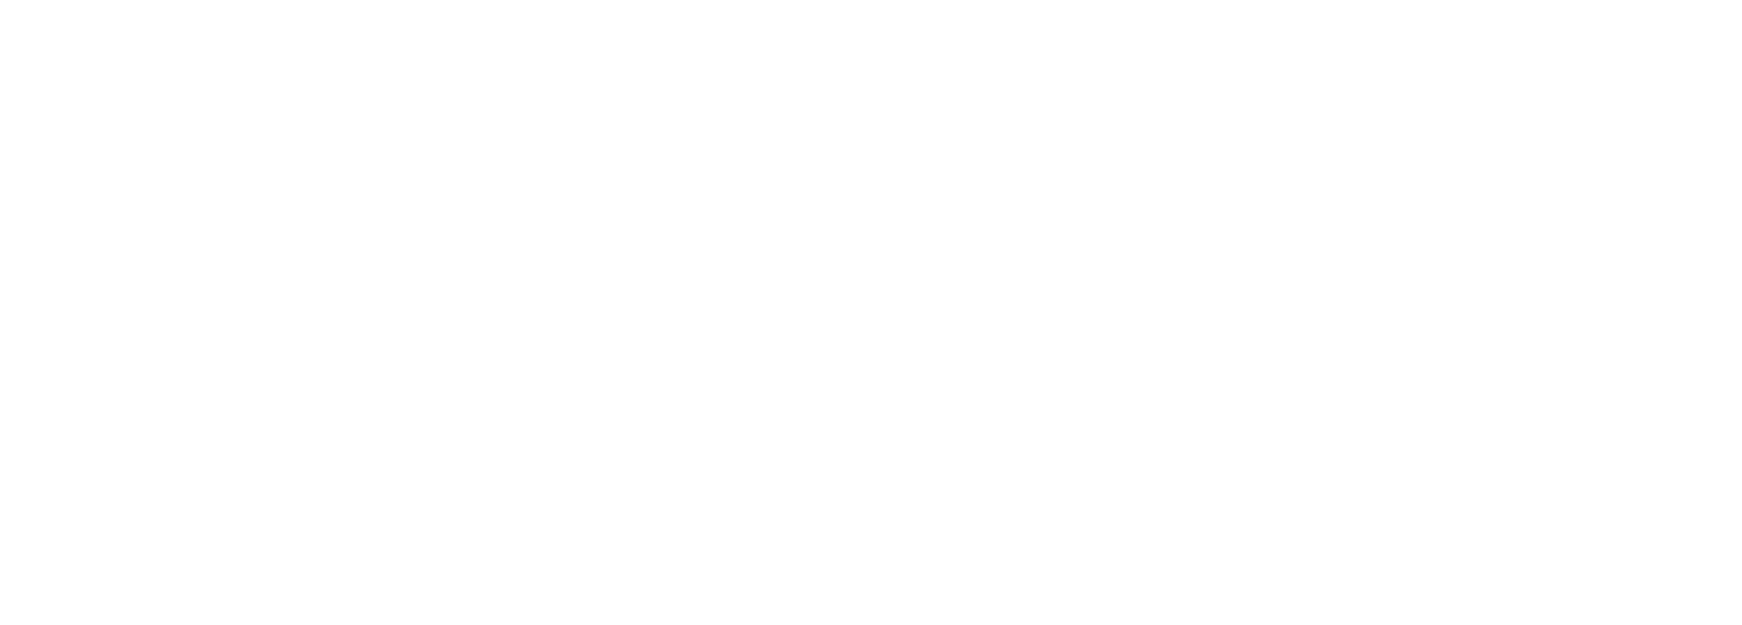 Ryder on Olive